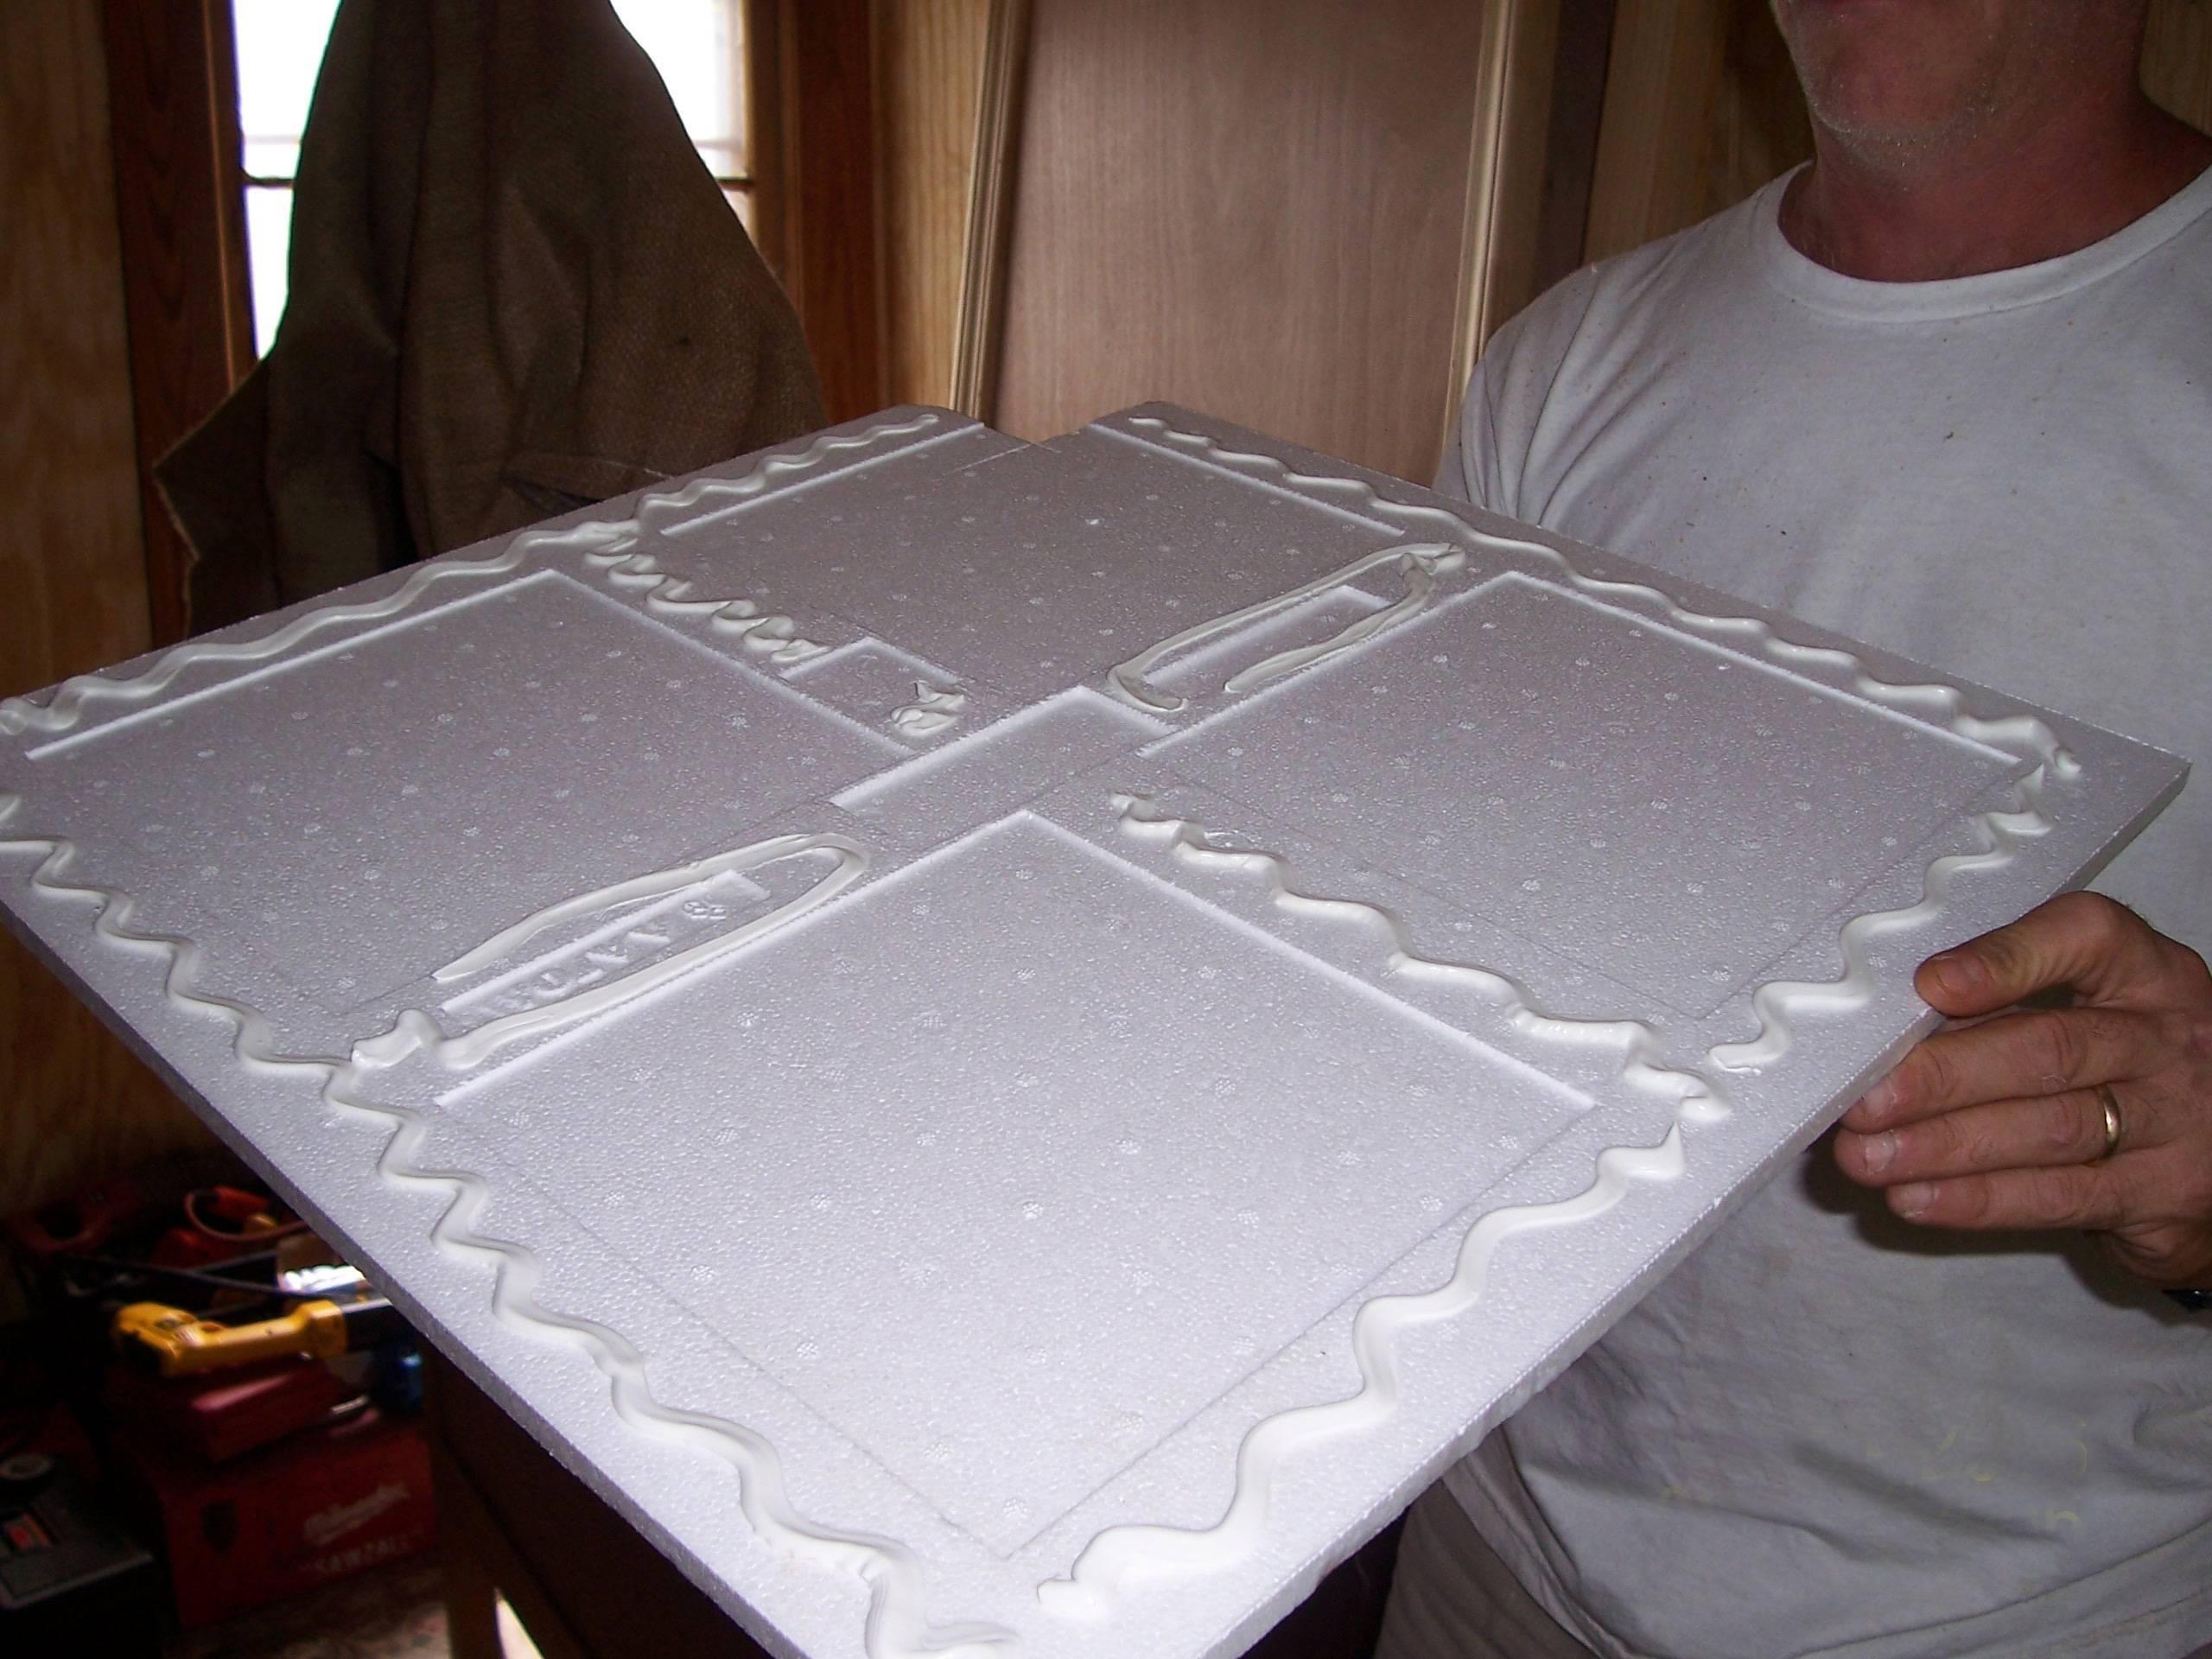 Каким лучше клеить клеем потолочную плитку из пенопласта